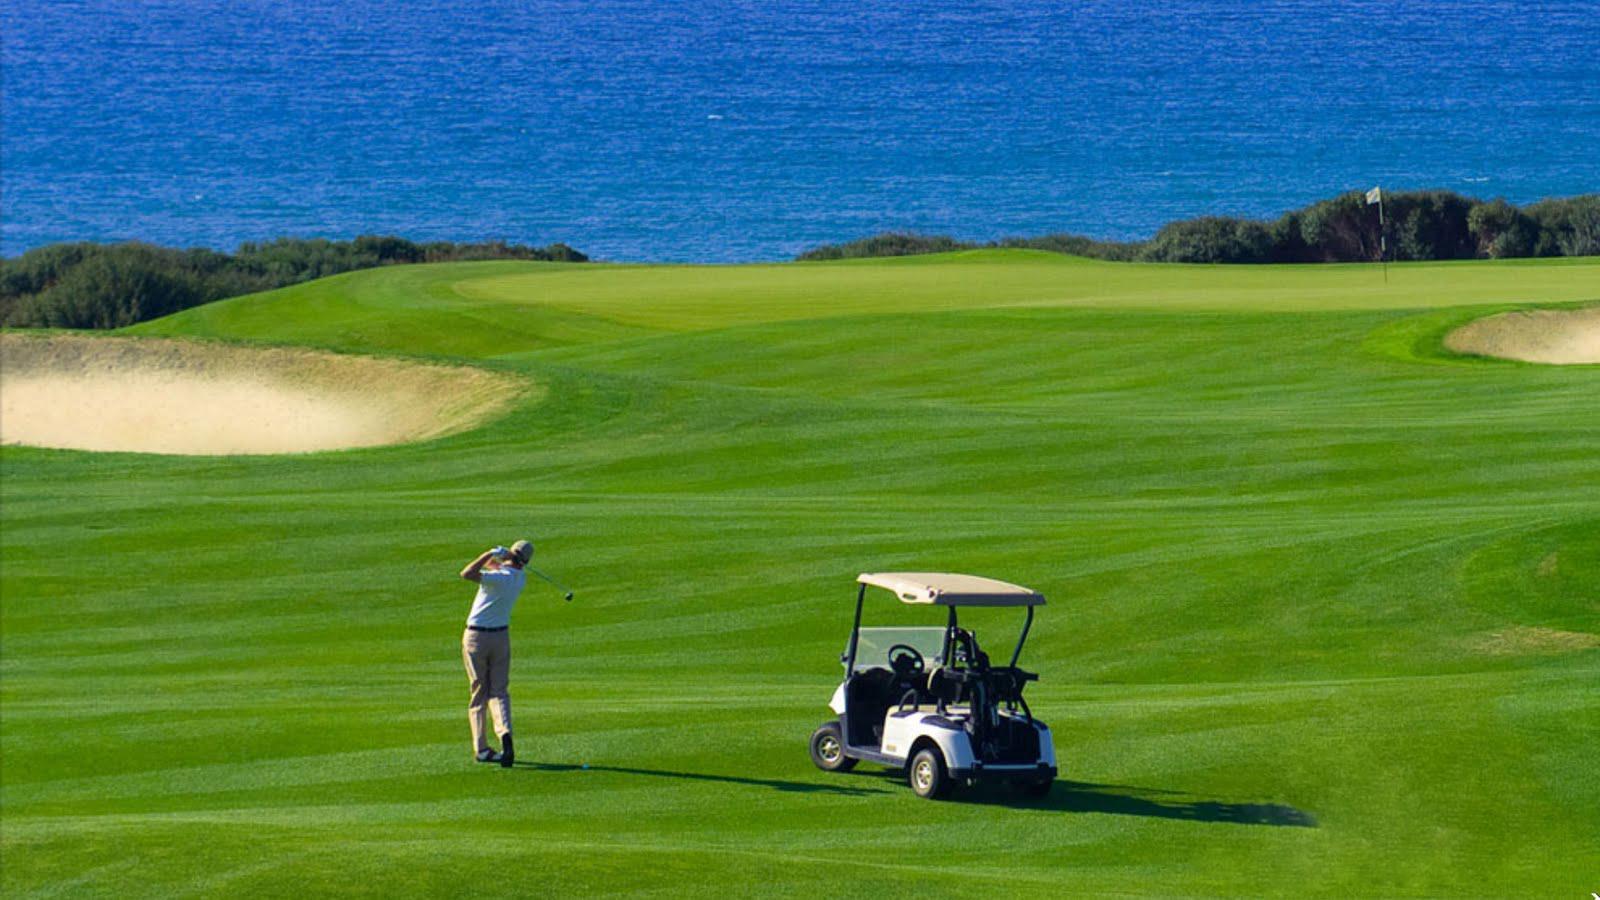 Đặt tee off sân golf BRG Danang Golf Resort - 18 hố - Ngày thường